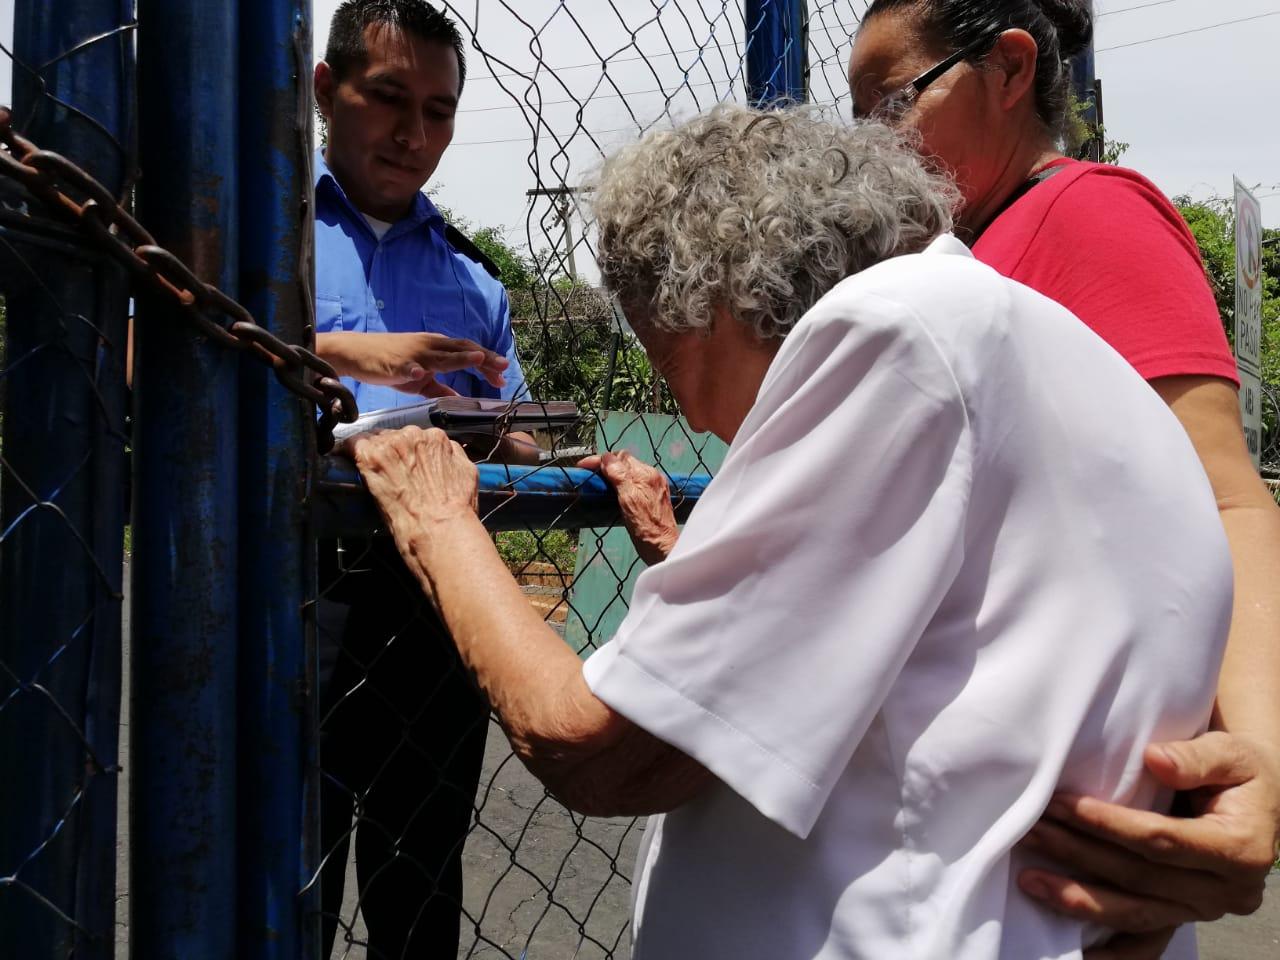 Madres continúan sufriendo las detenciones ilegales de sus hijos. Foto: A. Navarro